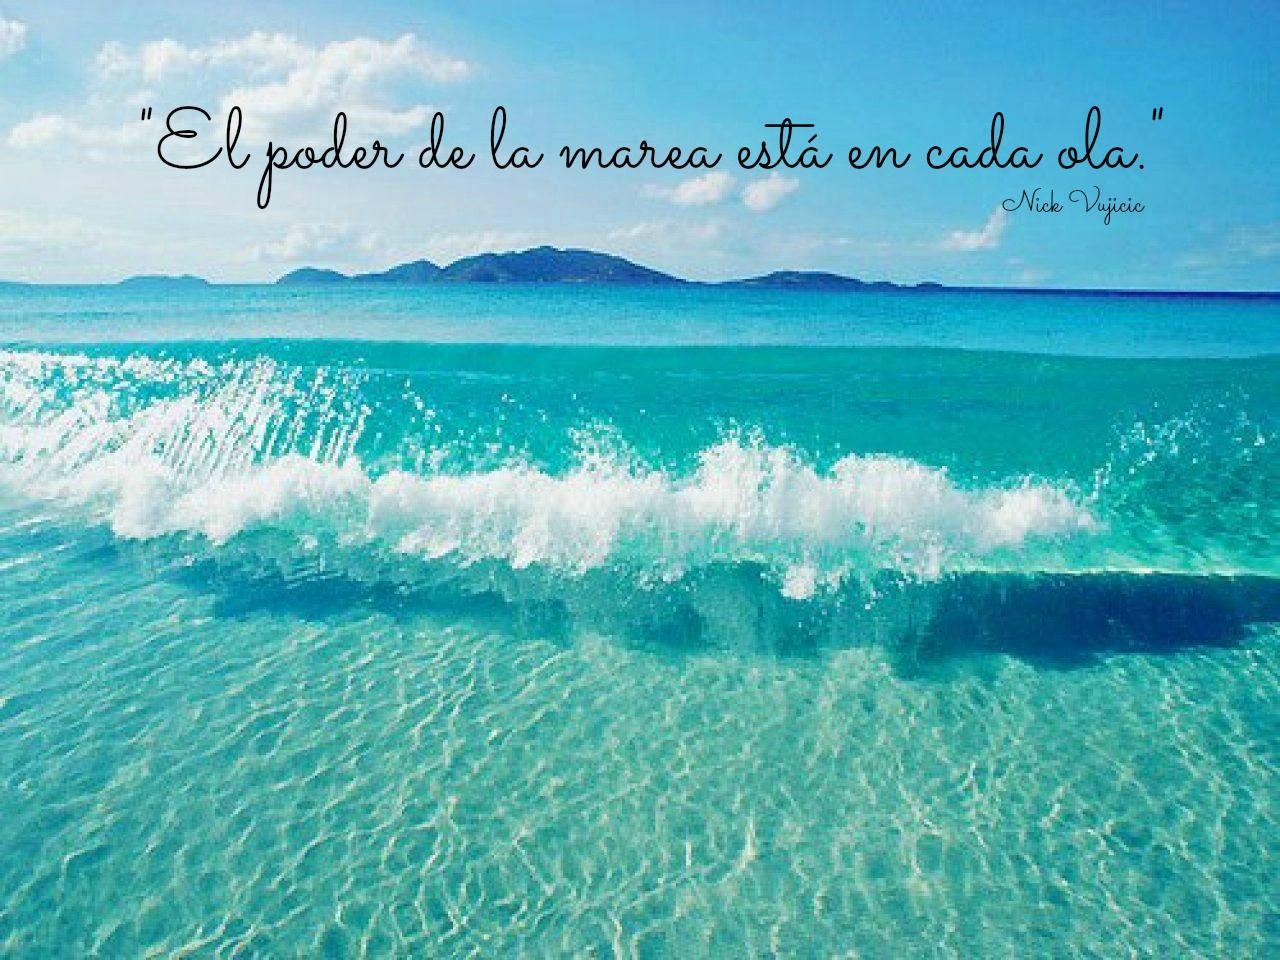 Frases Para Verano Y Disfrutar De Estas Vacaciones Playa